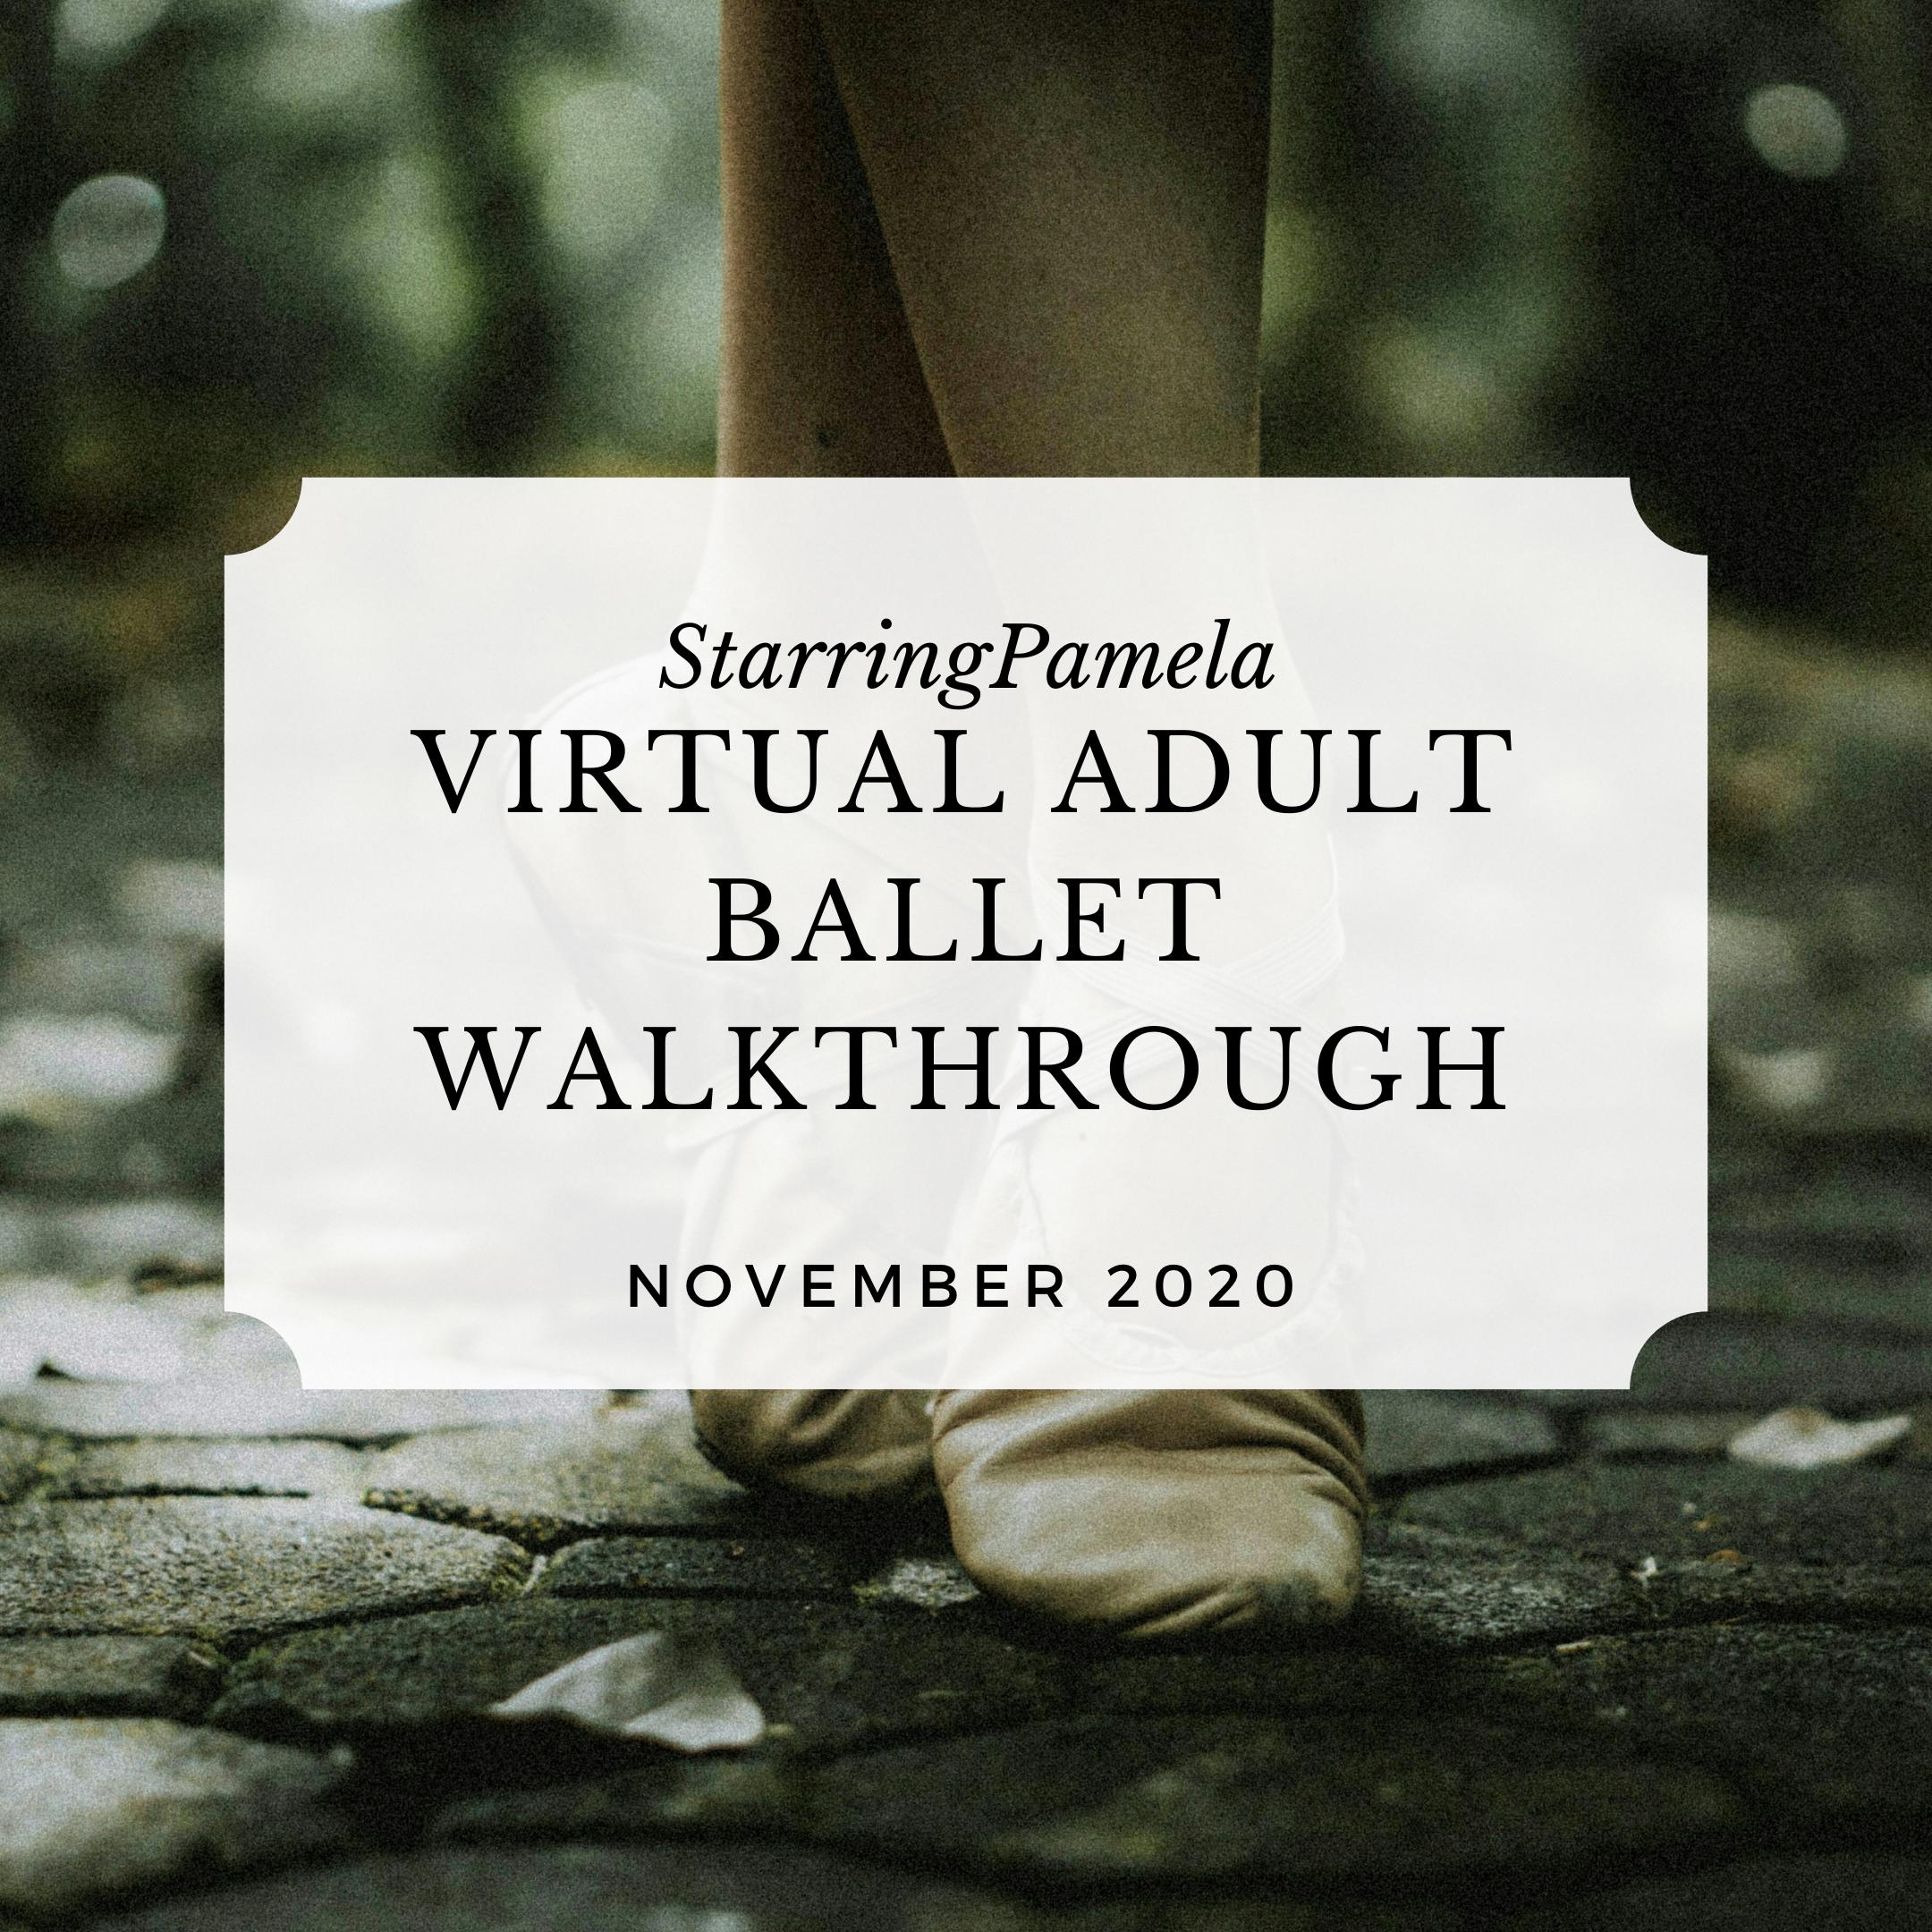 virtual adult ballet class walkthrough featured image